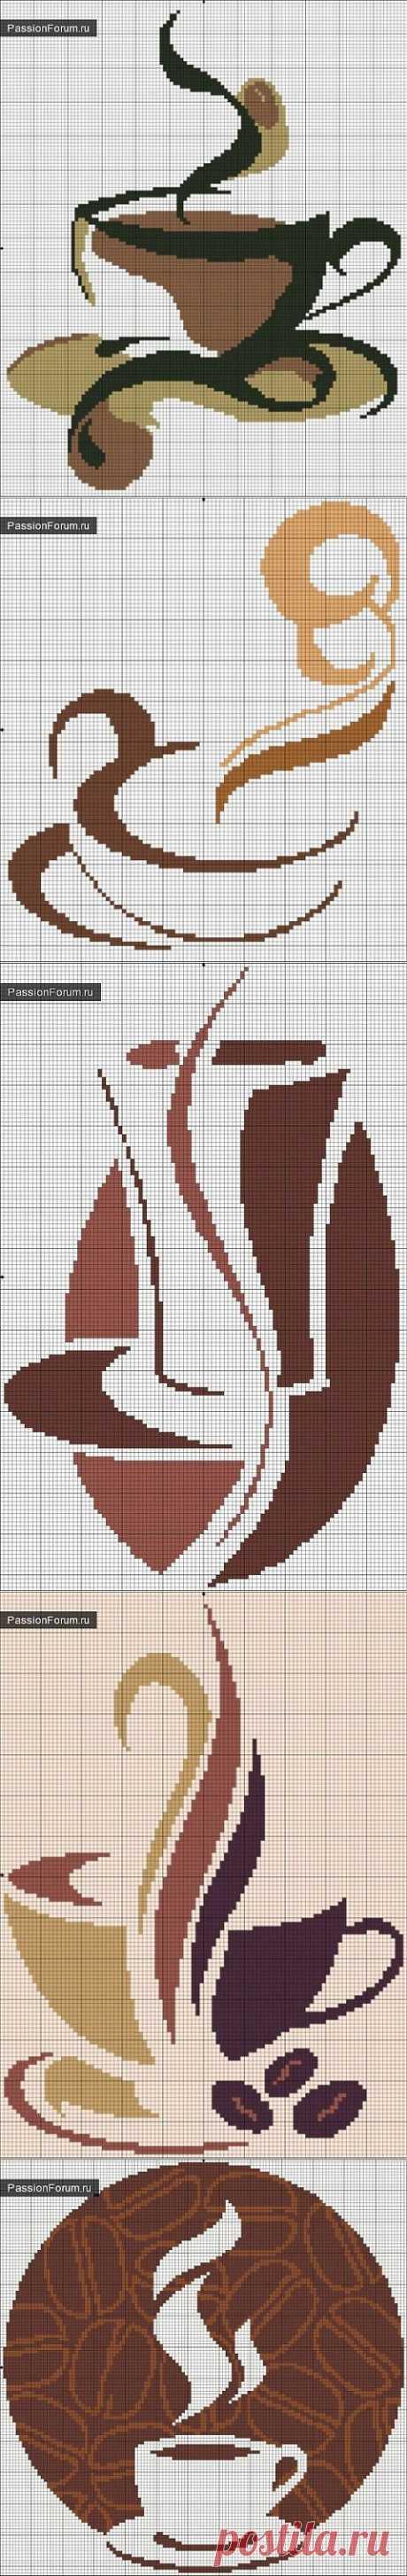 ПРИГЛАШАЮ НА ЧАШЕЧКУ КОФЕ...)) ЧАСТЬ 2 / Схемы вышивки крестиком / PassionForum - мастер-классы по рукоделию